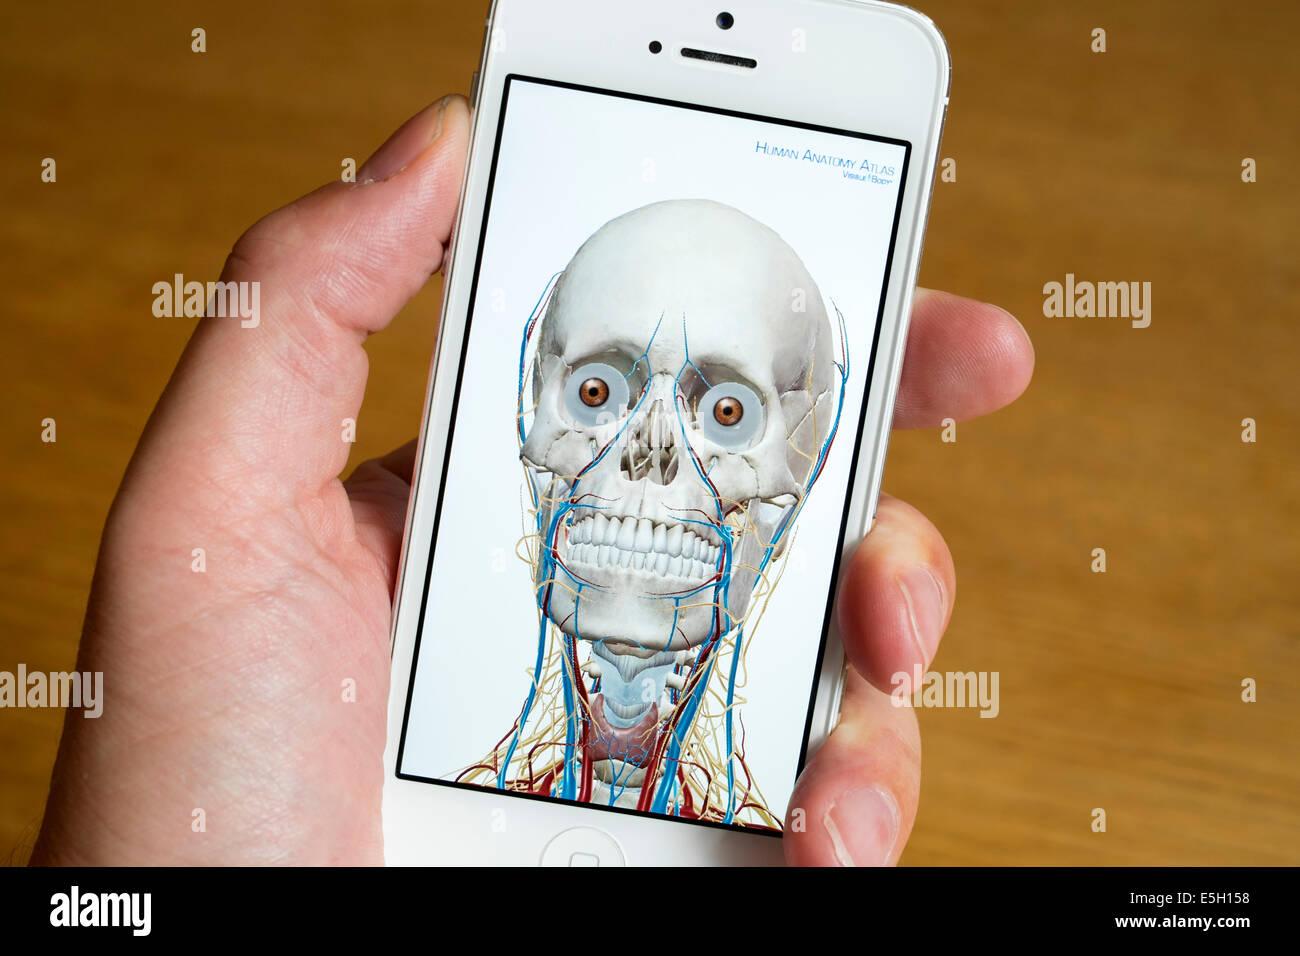 Utilizando medical app para el estudio de la anatomía humana en un iPhone teléfonos inteligentes. Imagen De Stock